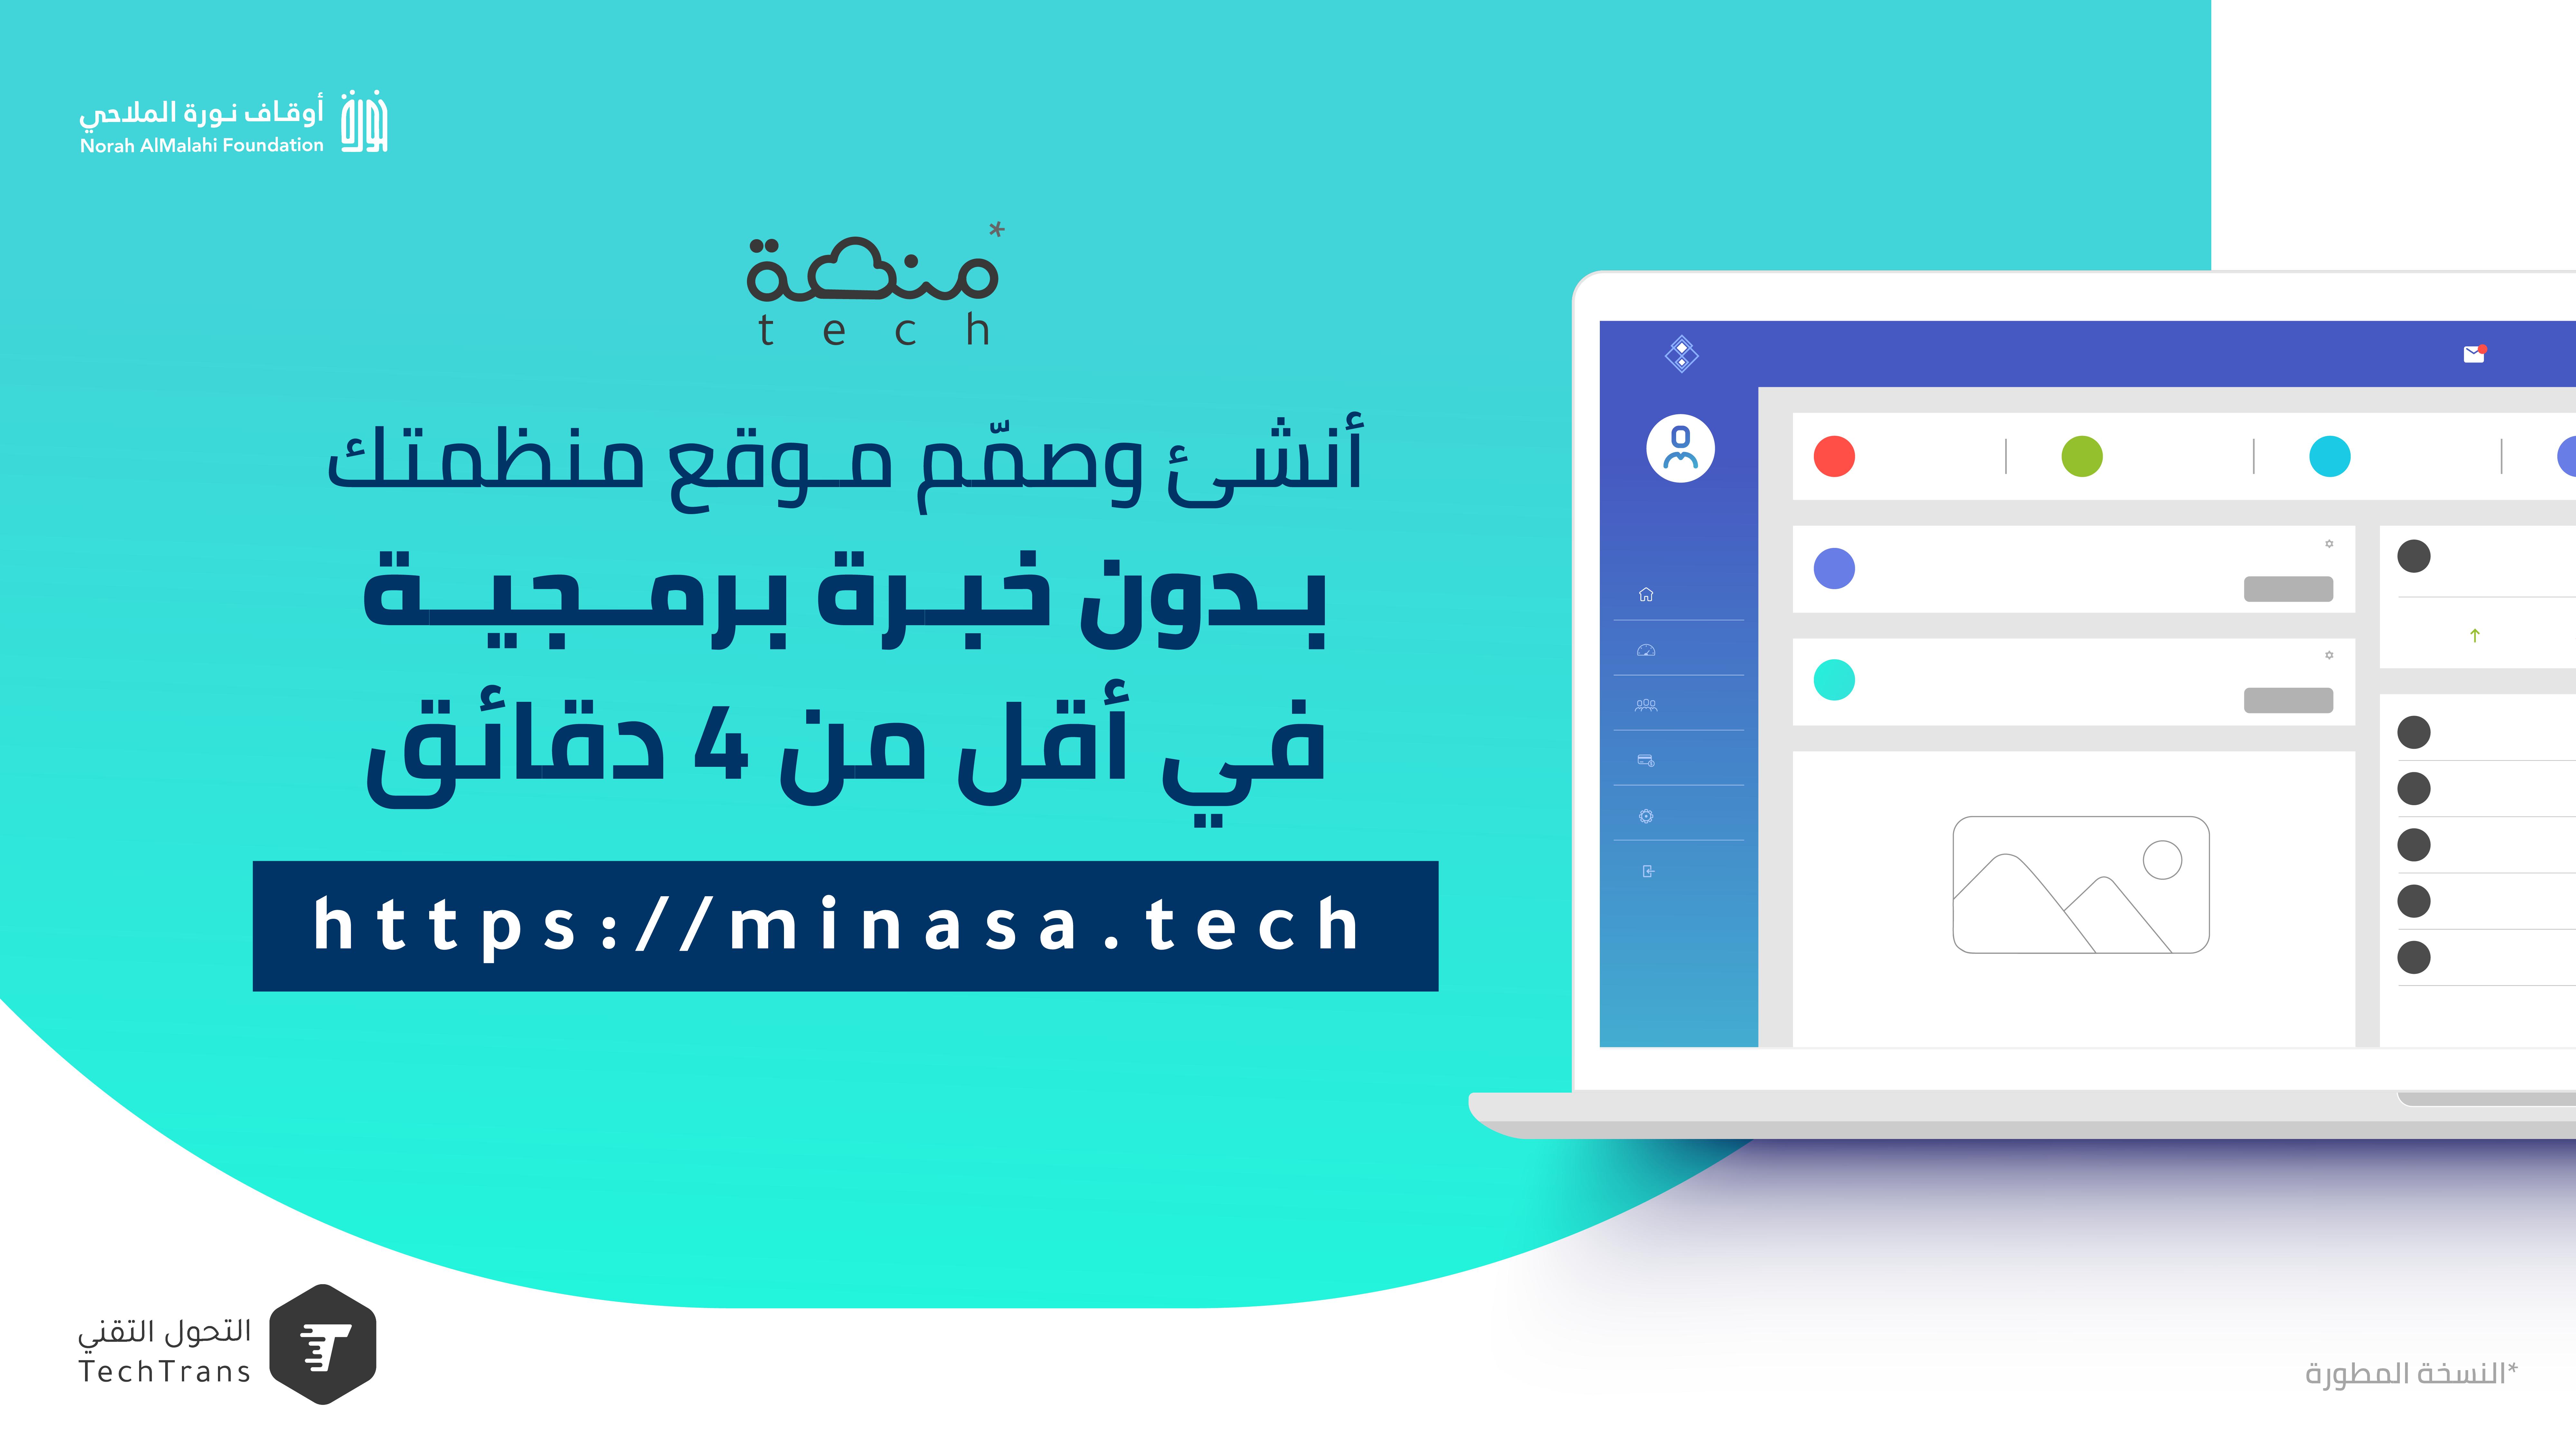 التحول التقني تعلن عن منصة تك لتصميم المواقع الإلكترونية